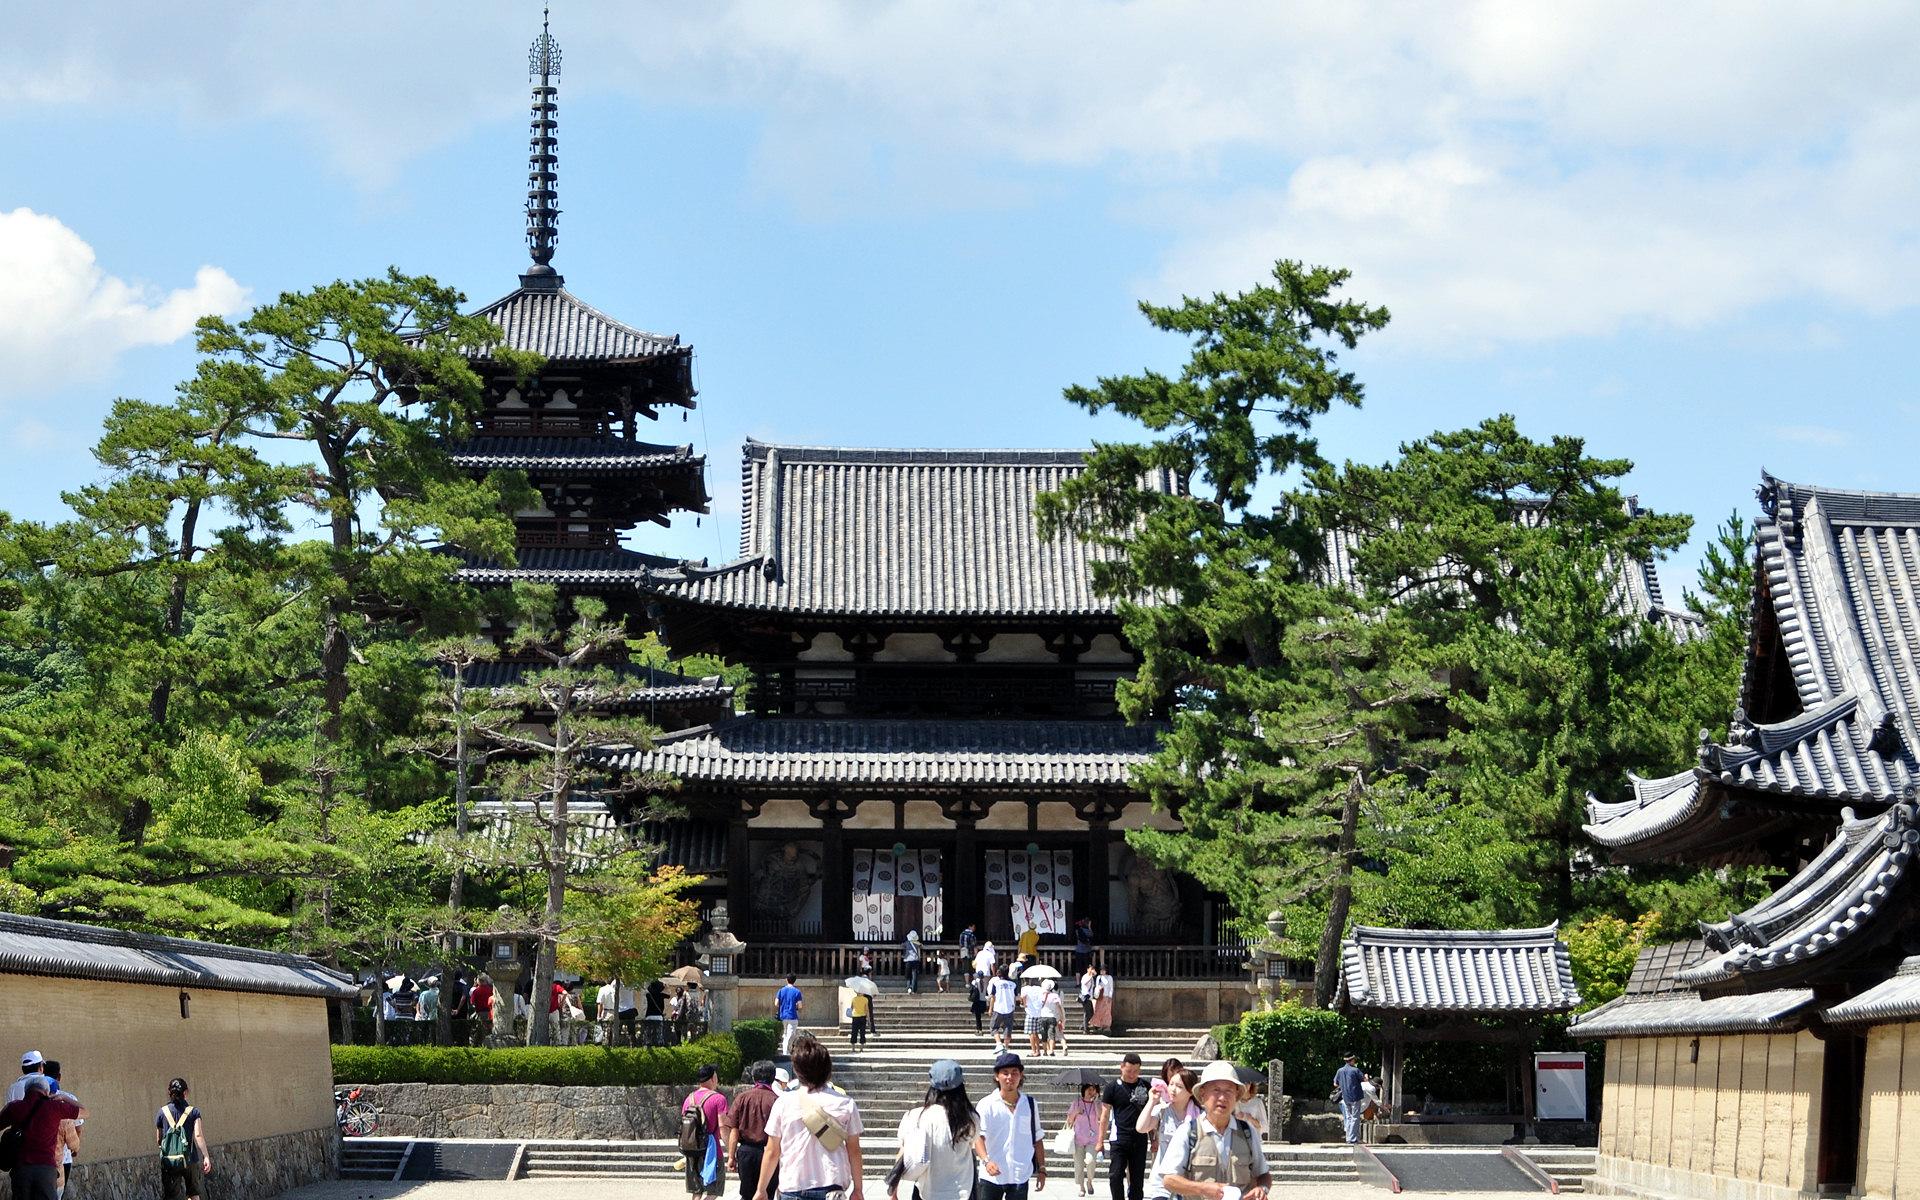 法隆寺地域の仏教建造物の画像 p1_24